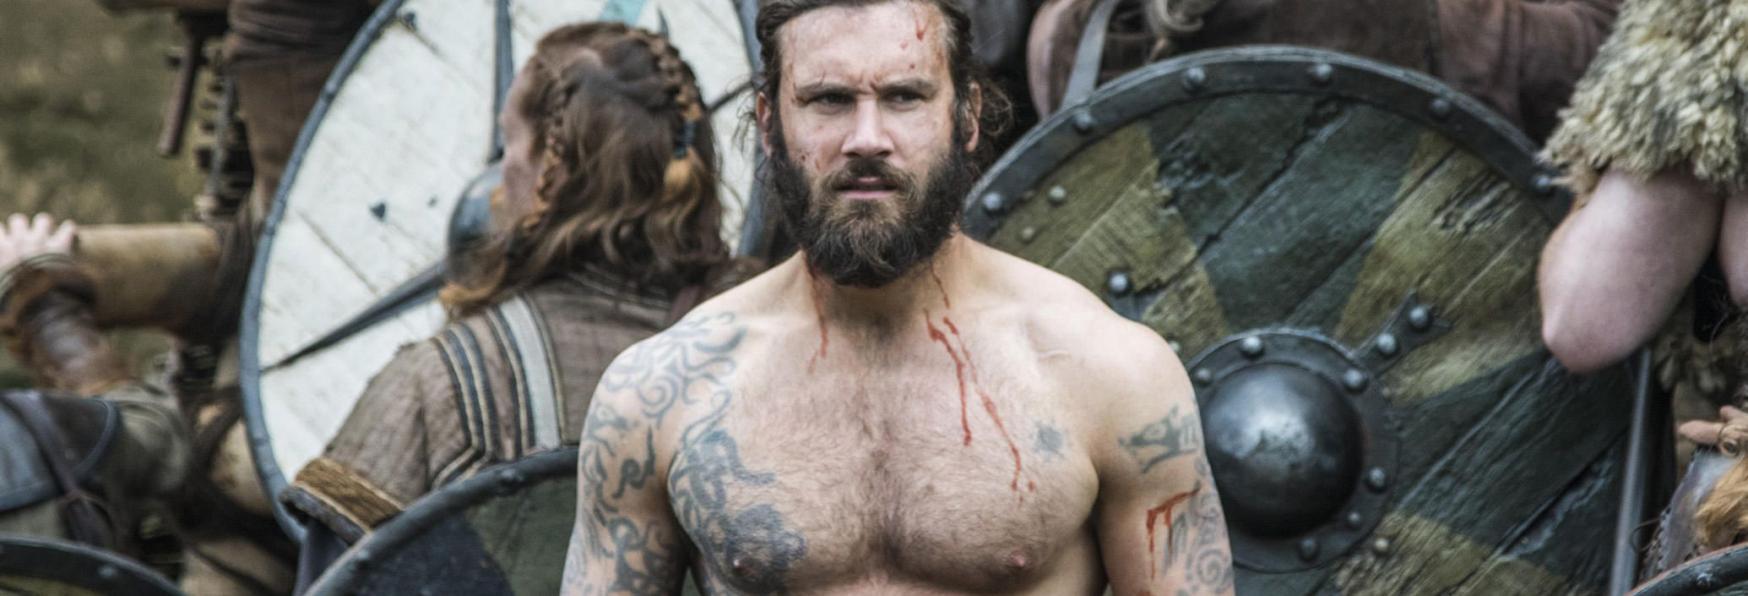 Vikings: conosciamo finalmente il Significato dei Tatuaggi di Rollo